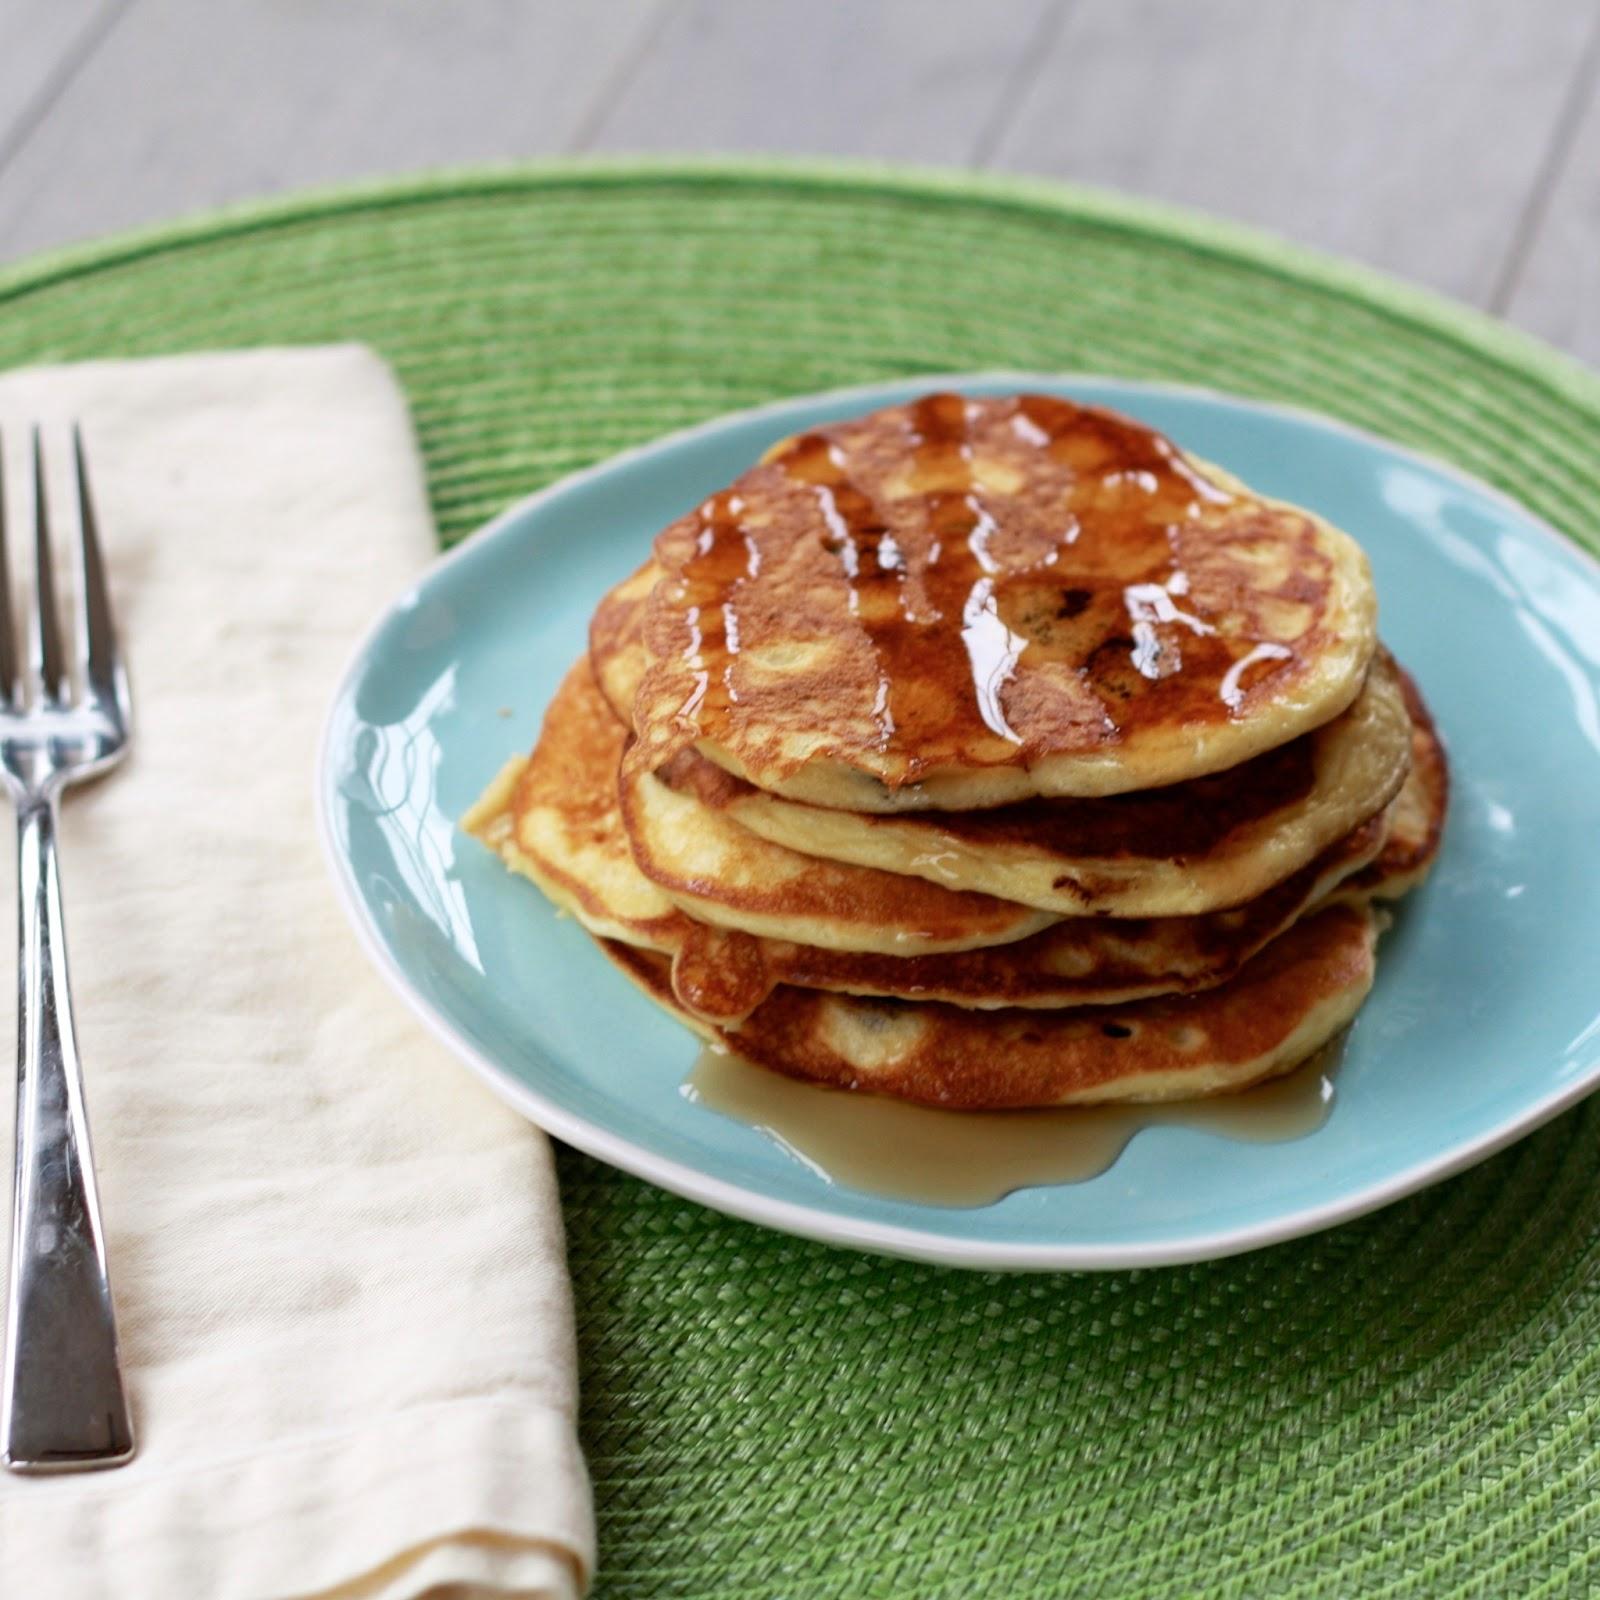 Smitten Kitchen Pancakes: Sour Cream Pancakes